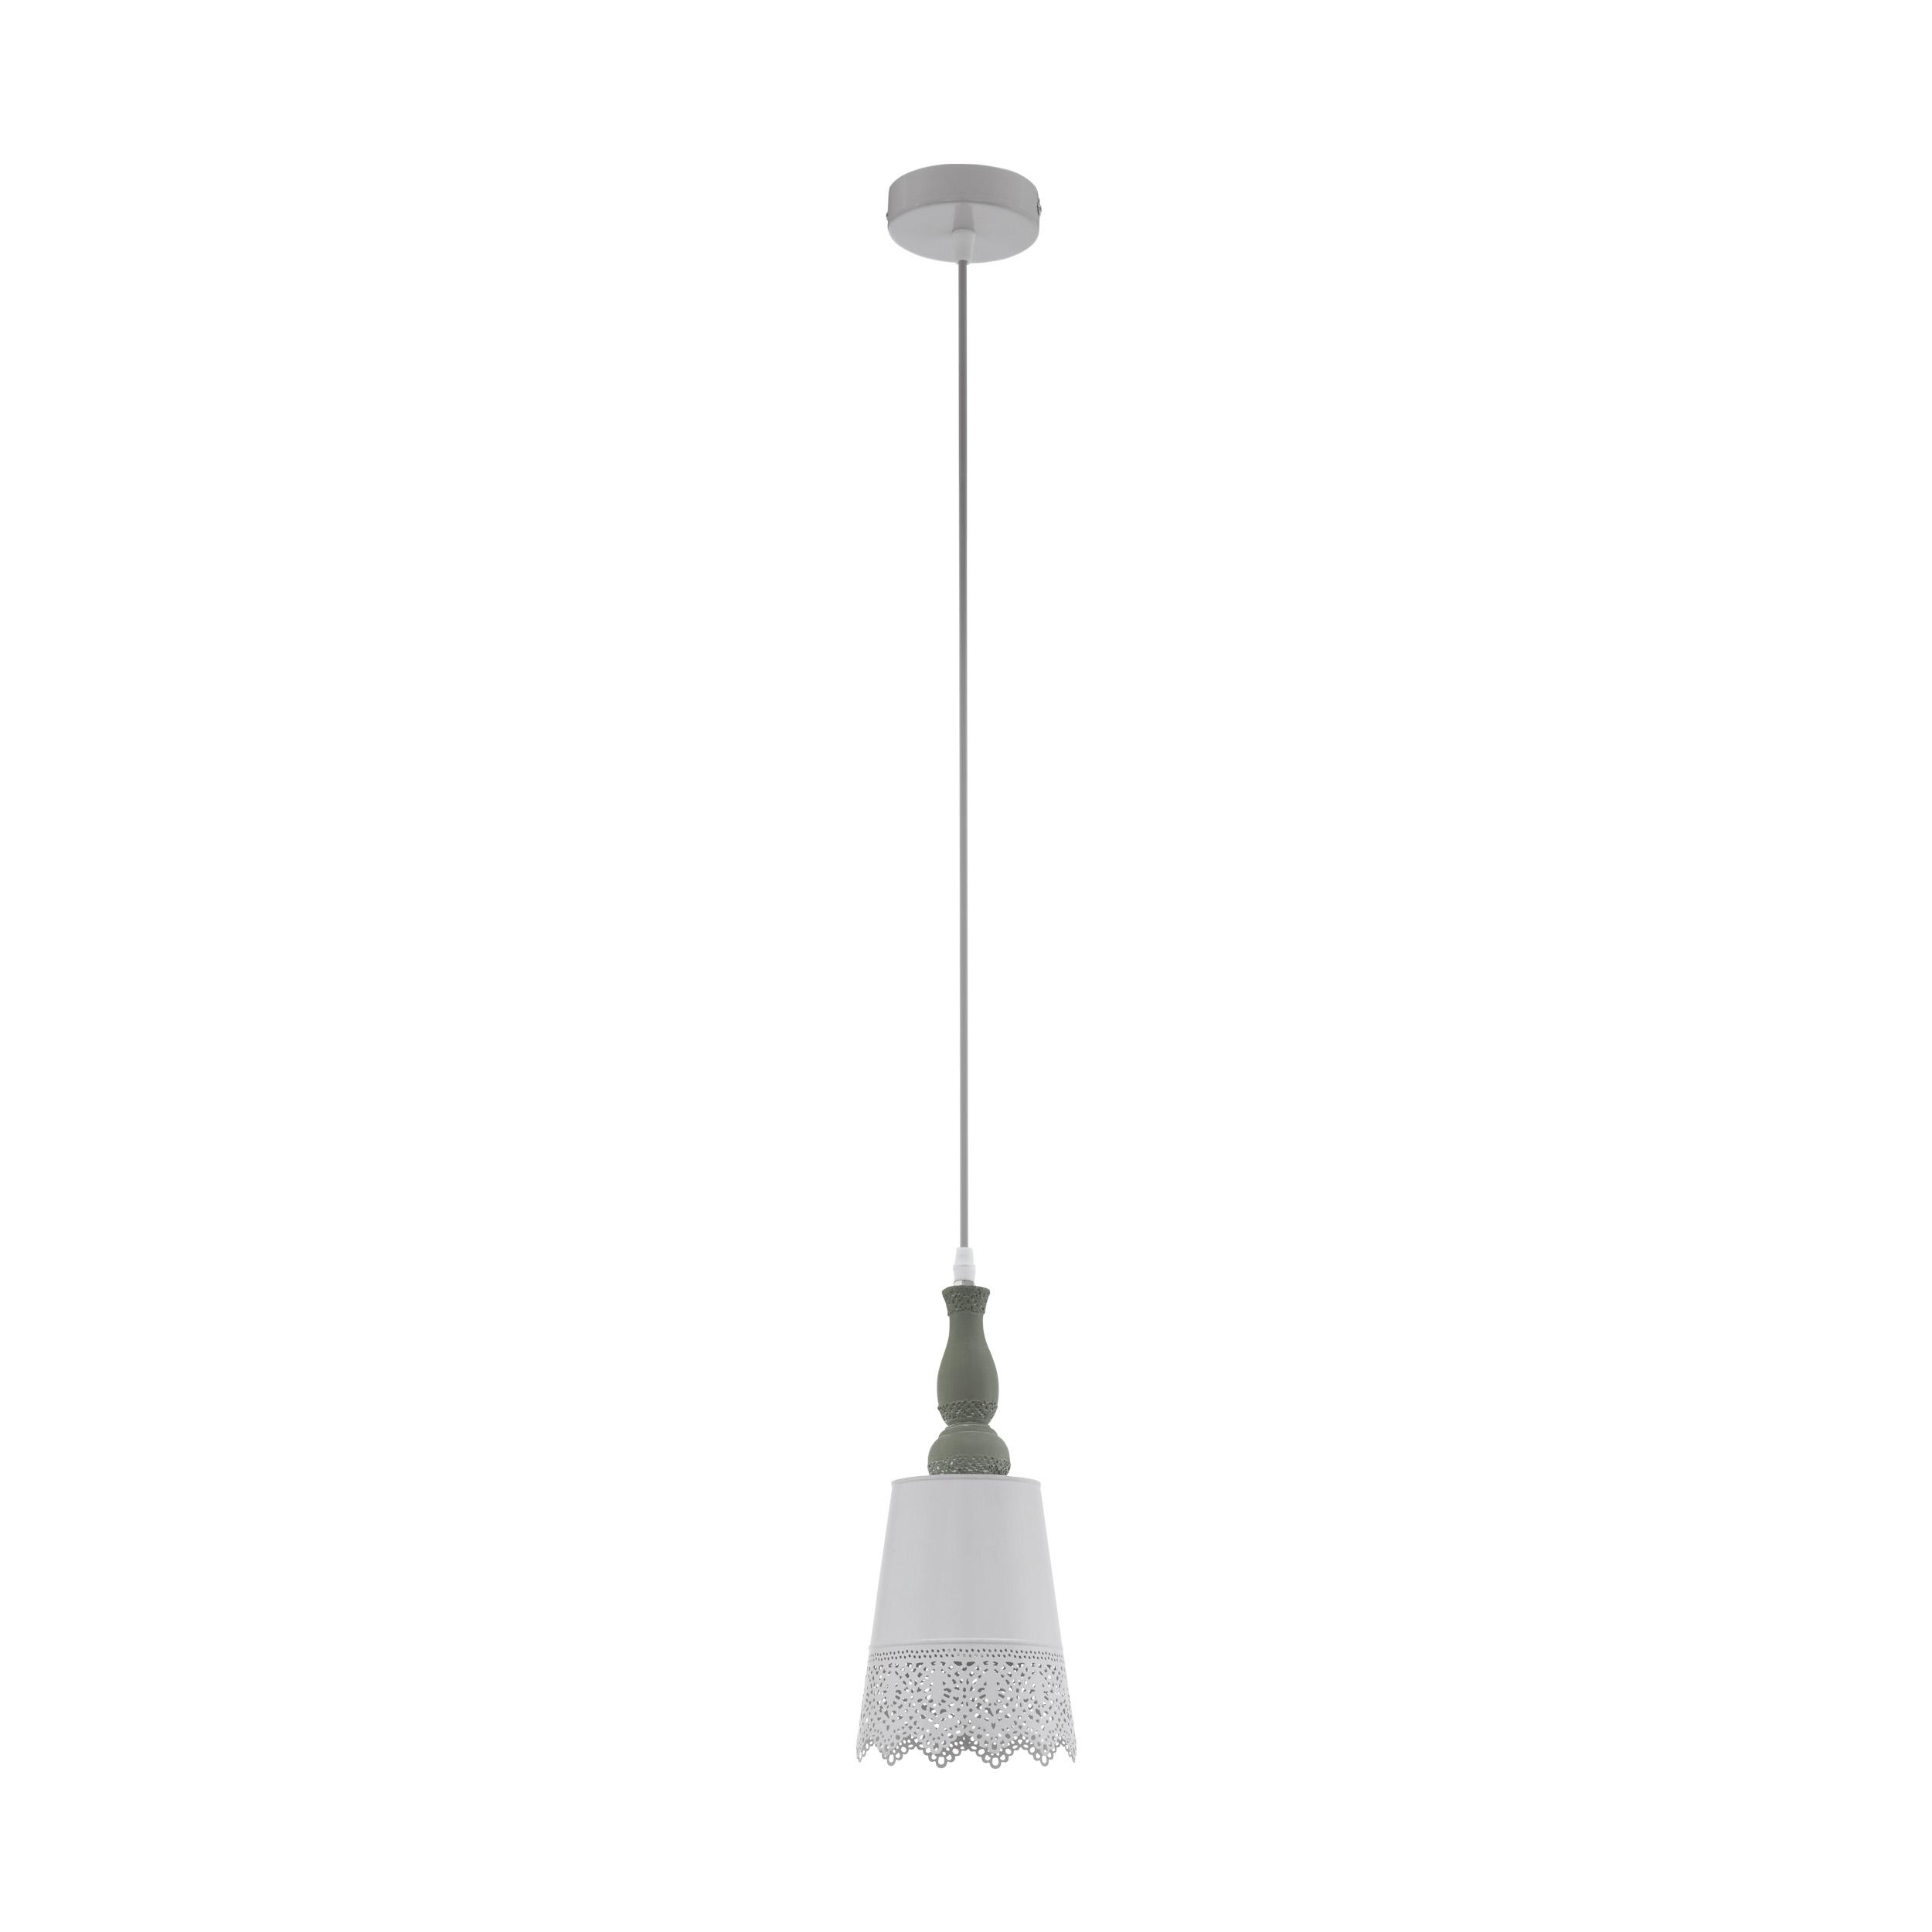 TALBOT 2 Hanglamp